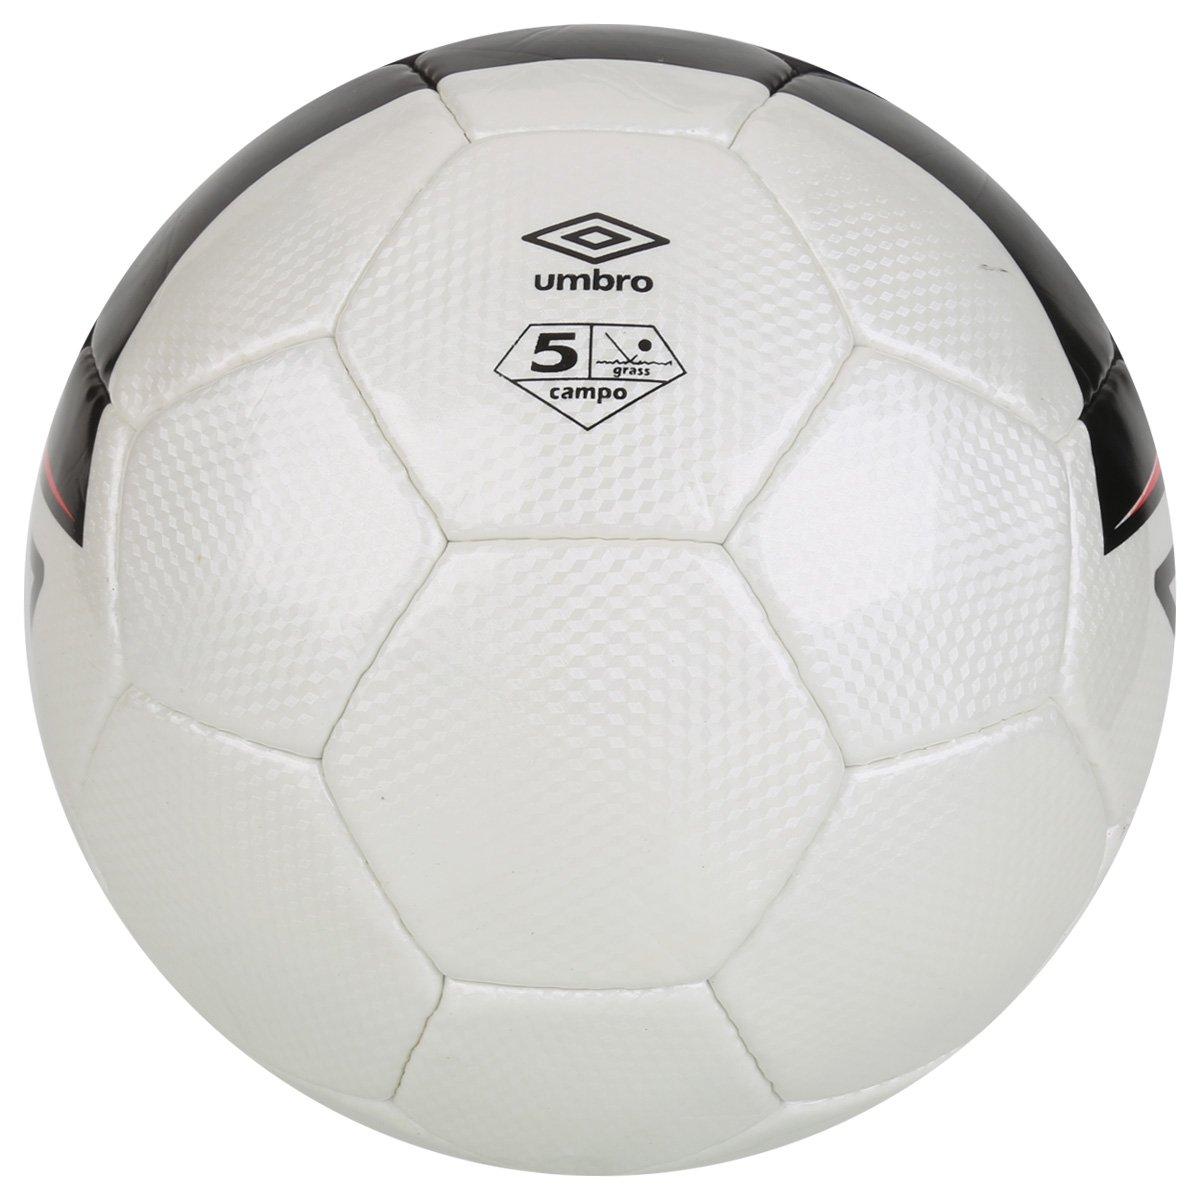 Bola Futebol Umbro Medusae Campo - Compre Agora  295ad2d936e30